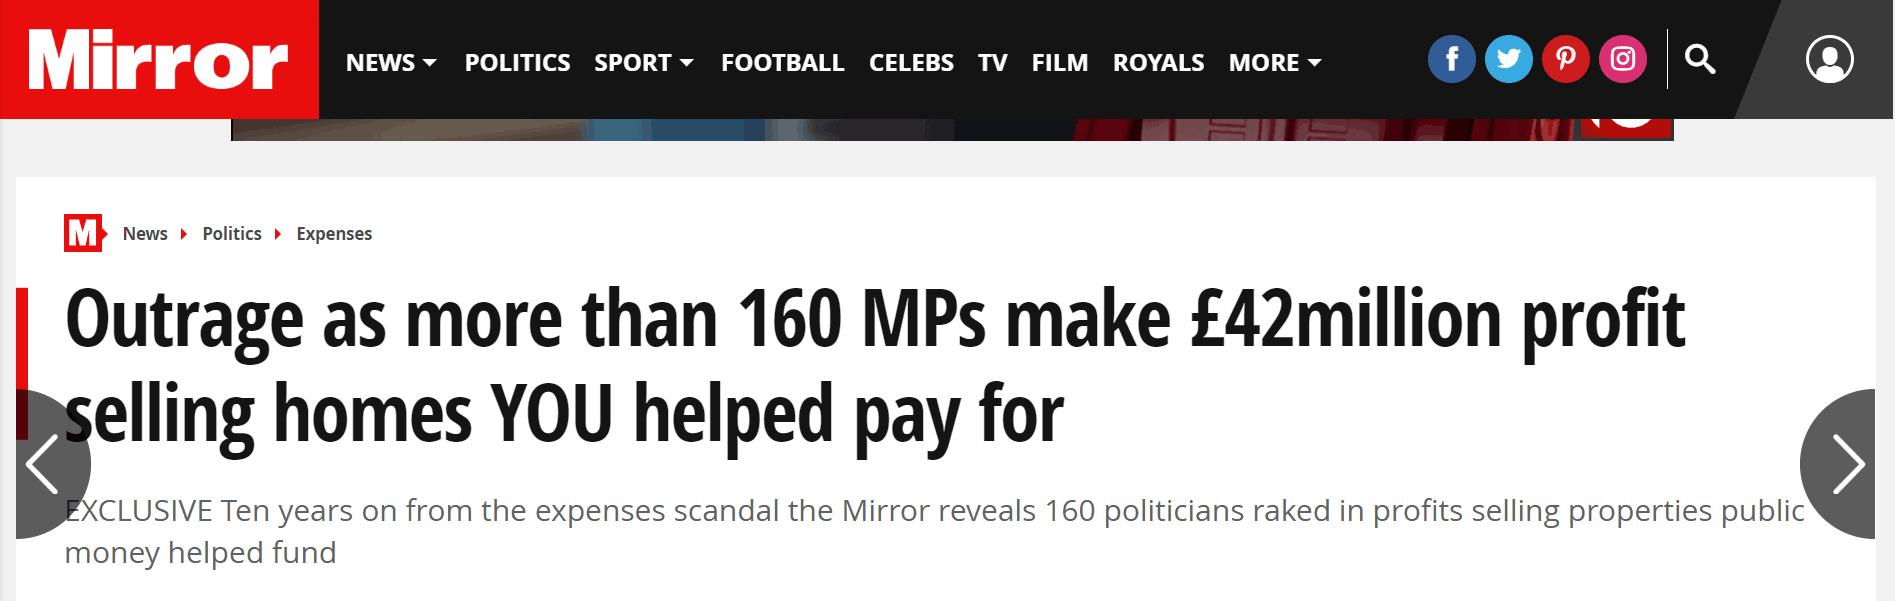 脱欧不行赚钱倒很行?英议员通过出售房产获利数百万|昆仑国际外汇平台